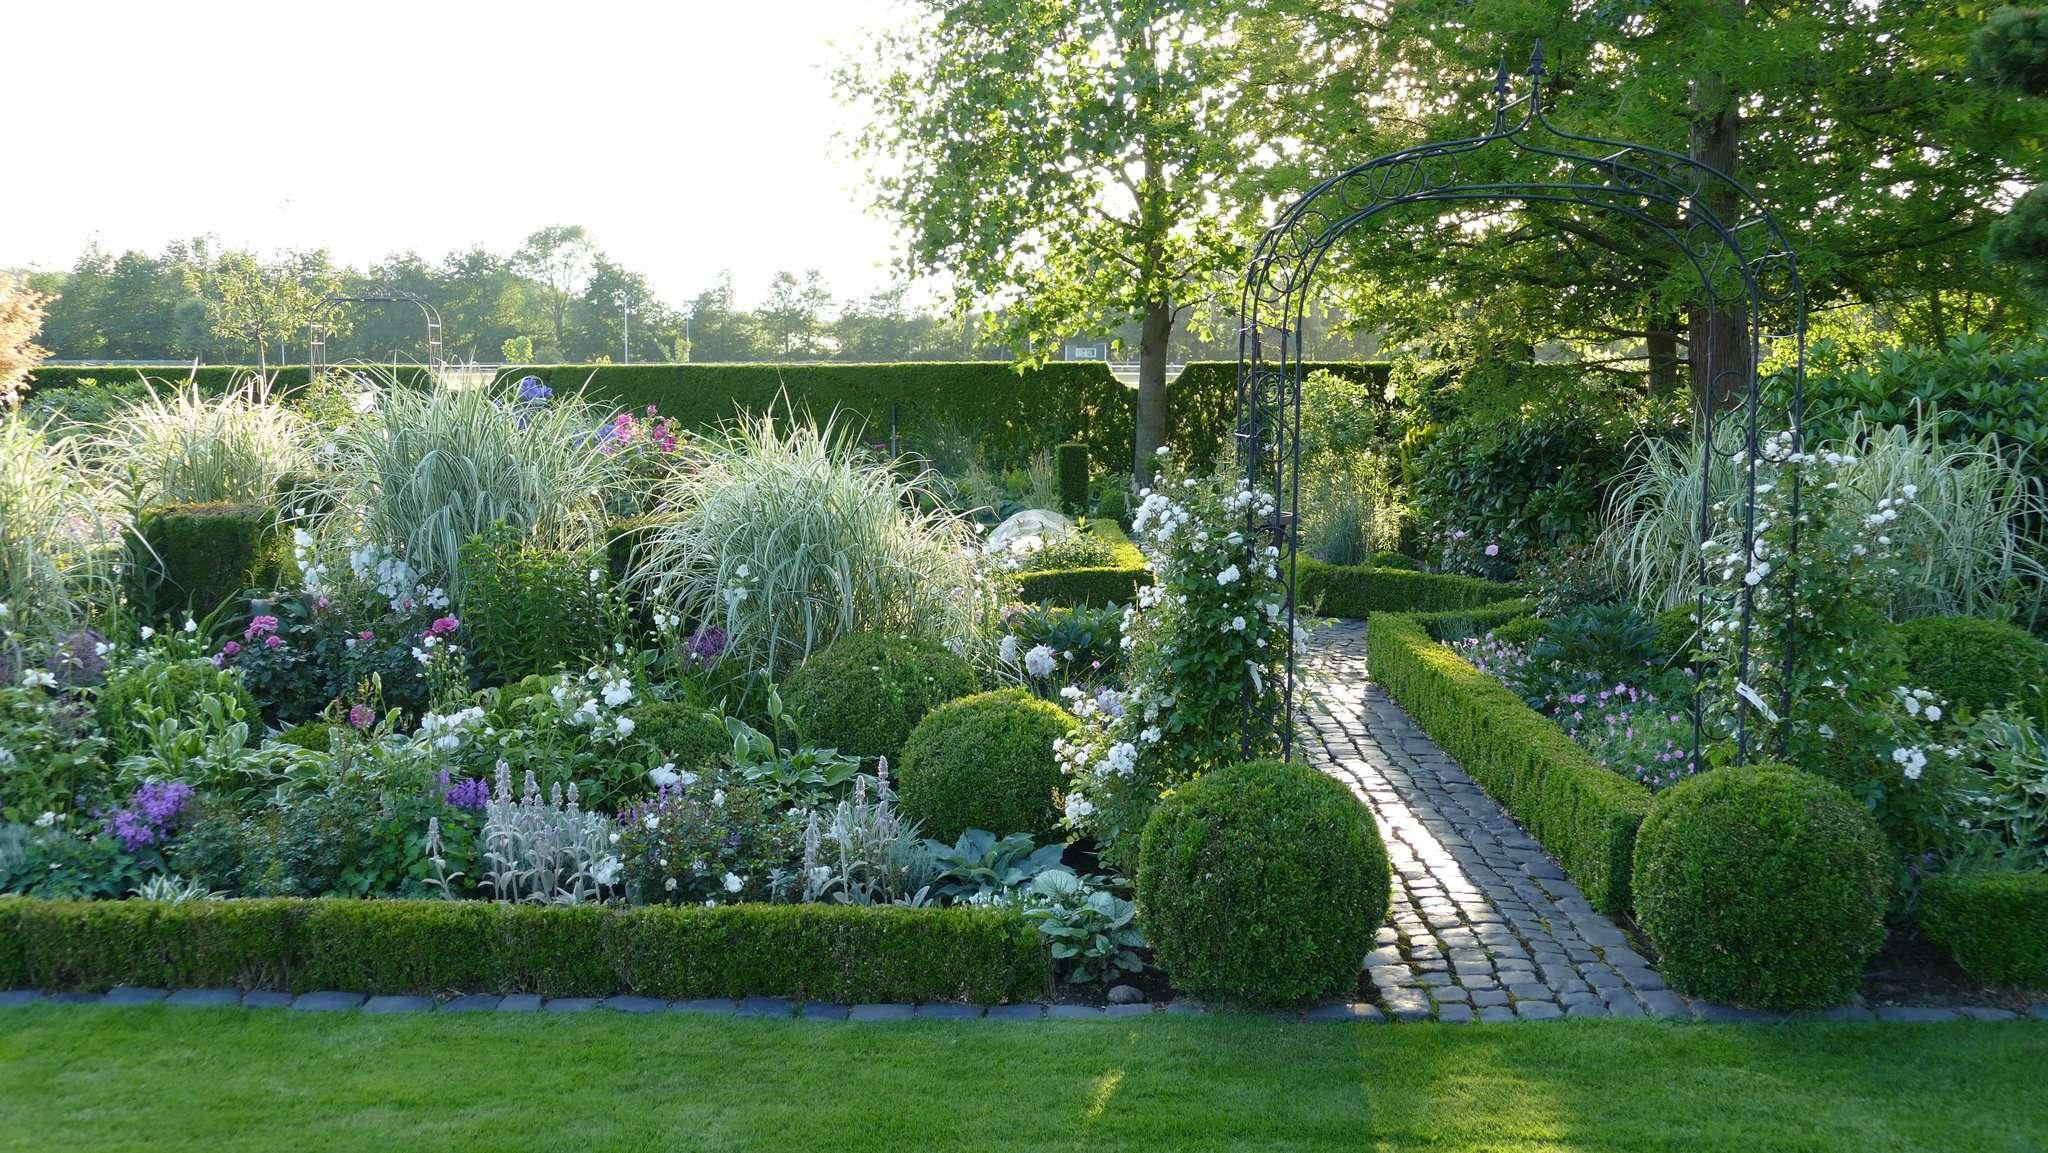 Im Garten von Helga und Wolfgang Herglotz in Essel fügen sich unterschiedliche Pflanzen, wie die Noten eines Musikstücks, zusammen.